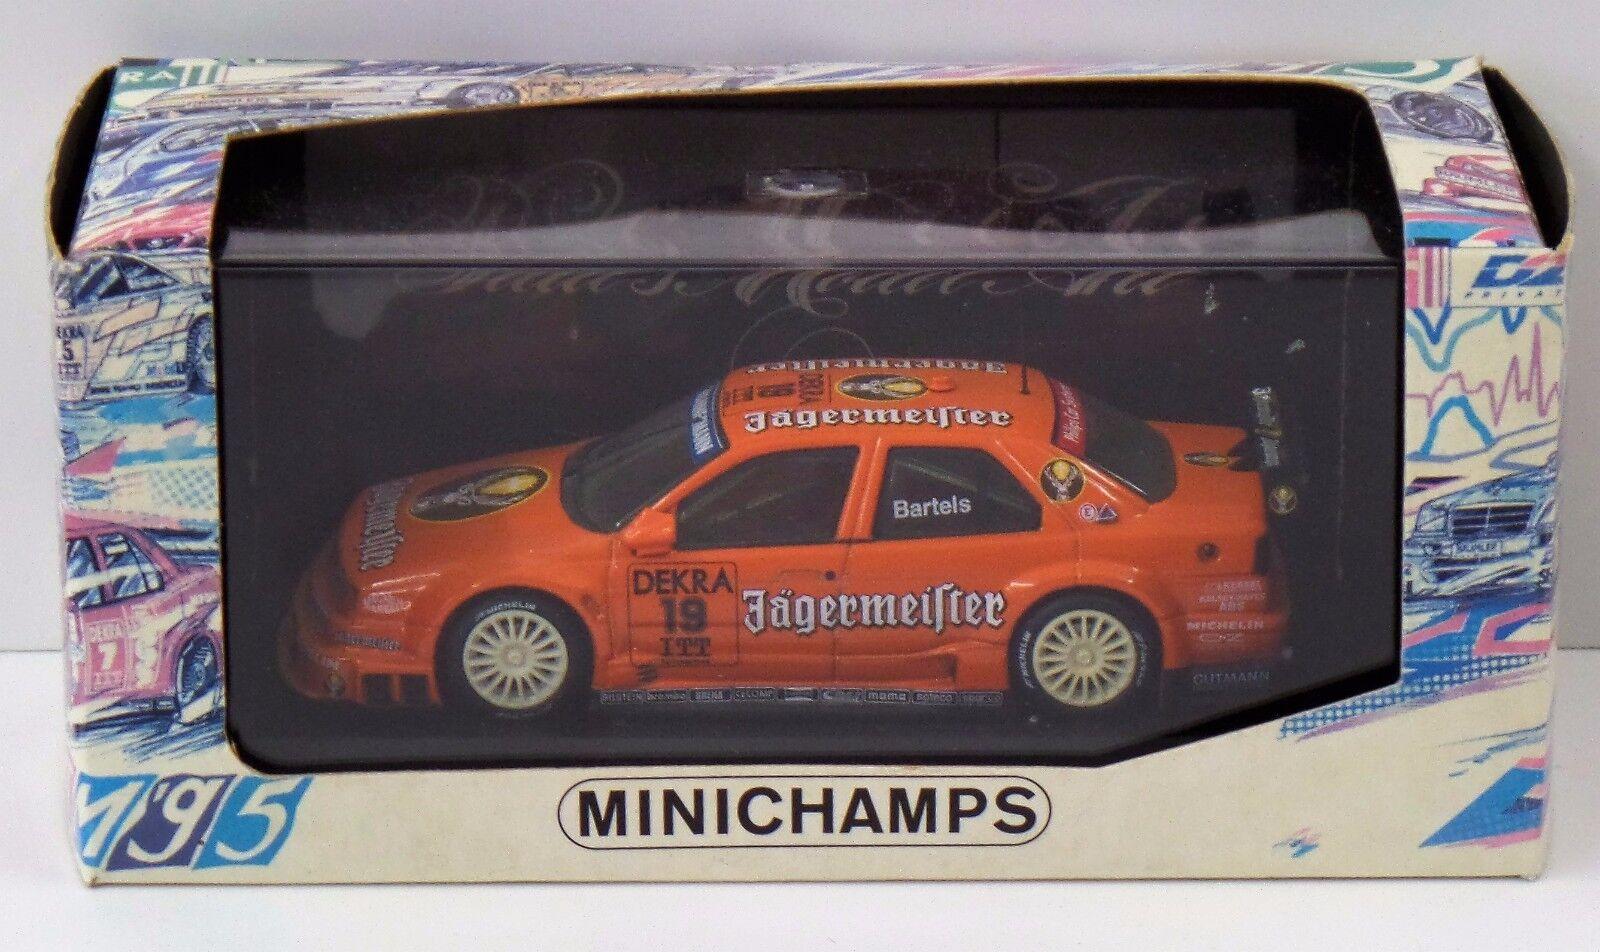 Minichamps 1 43 - ALFA ROMEO 155 v6 TI CHASSEUR maître Edition-Neuf dans sa boîte Neuf New